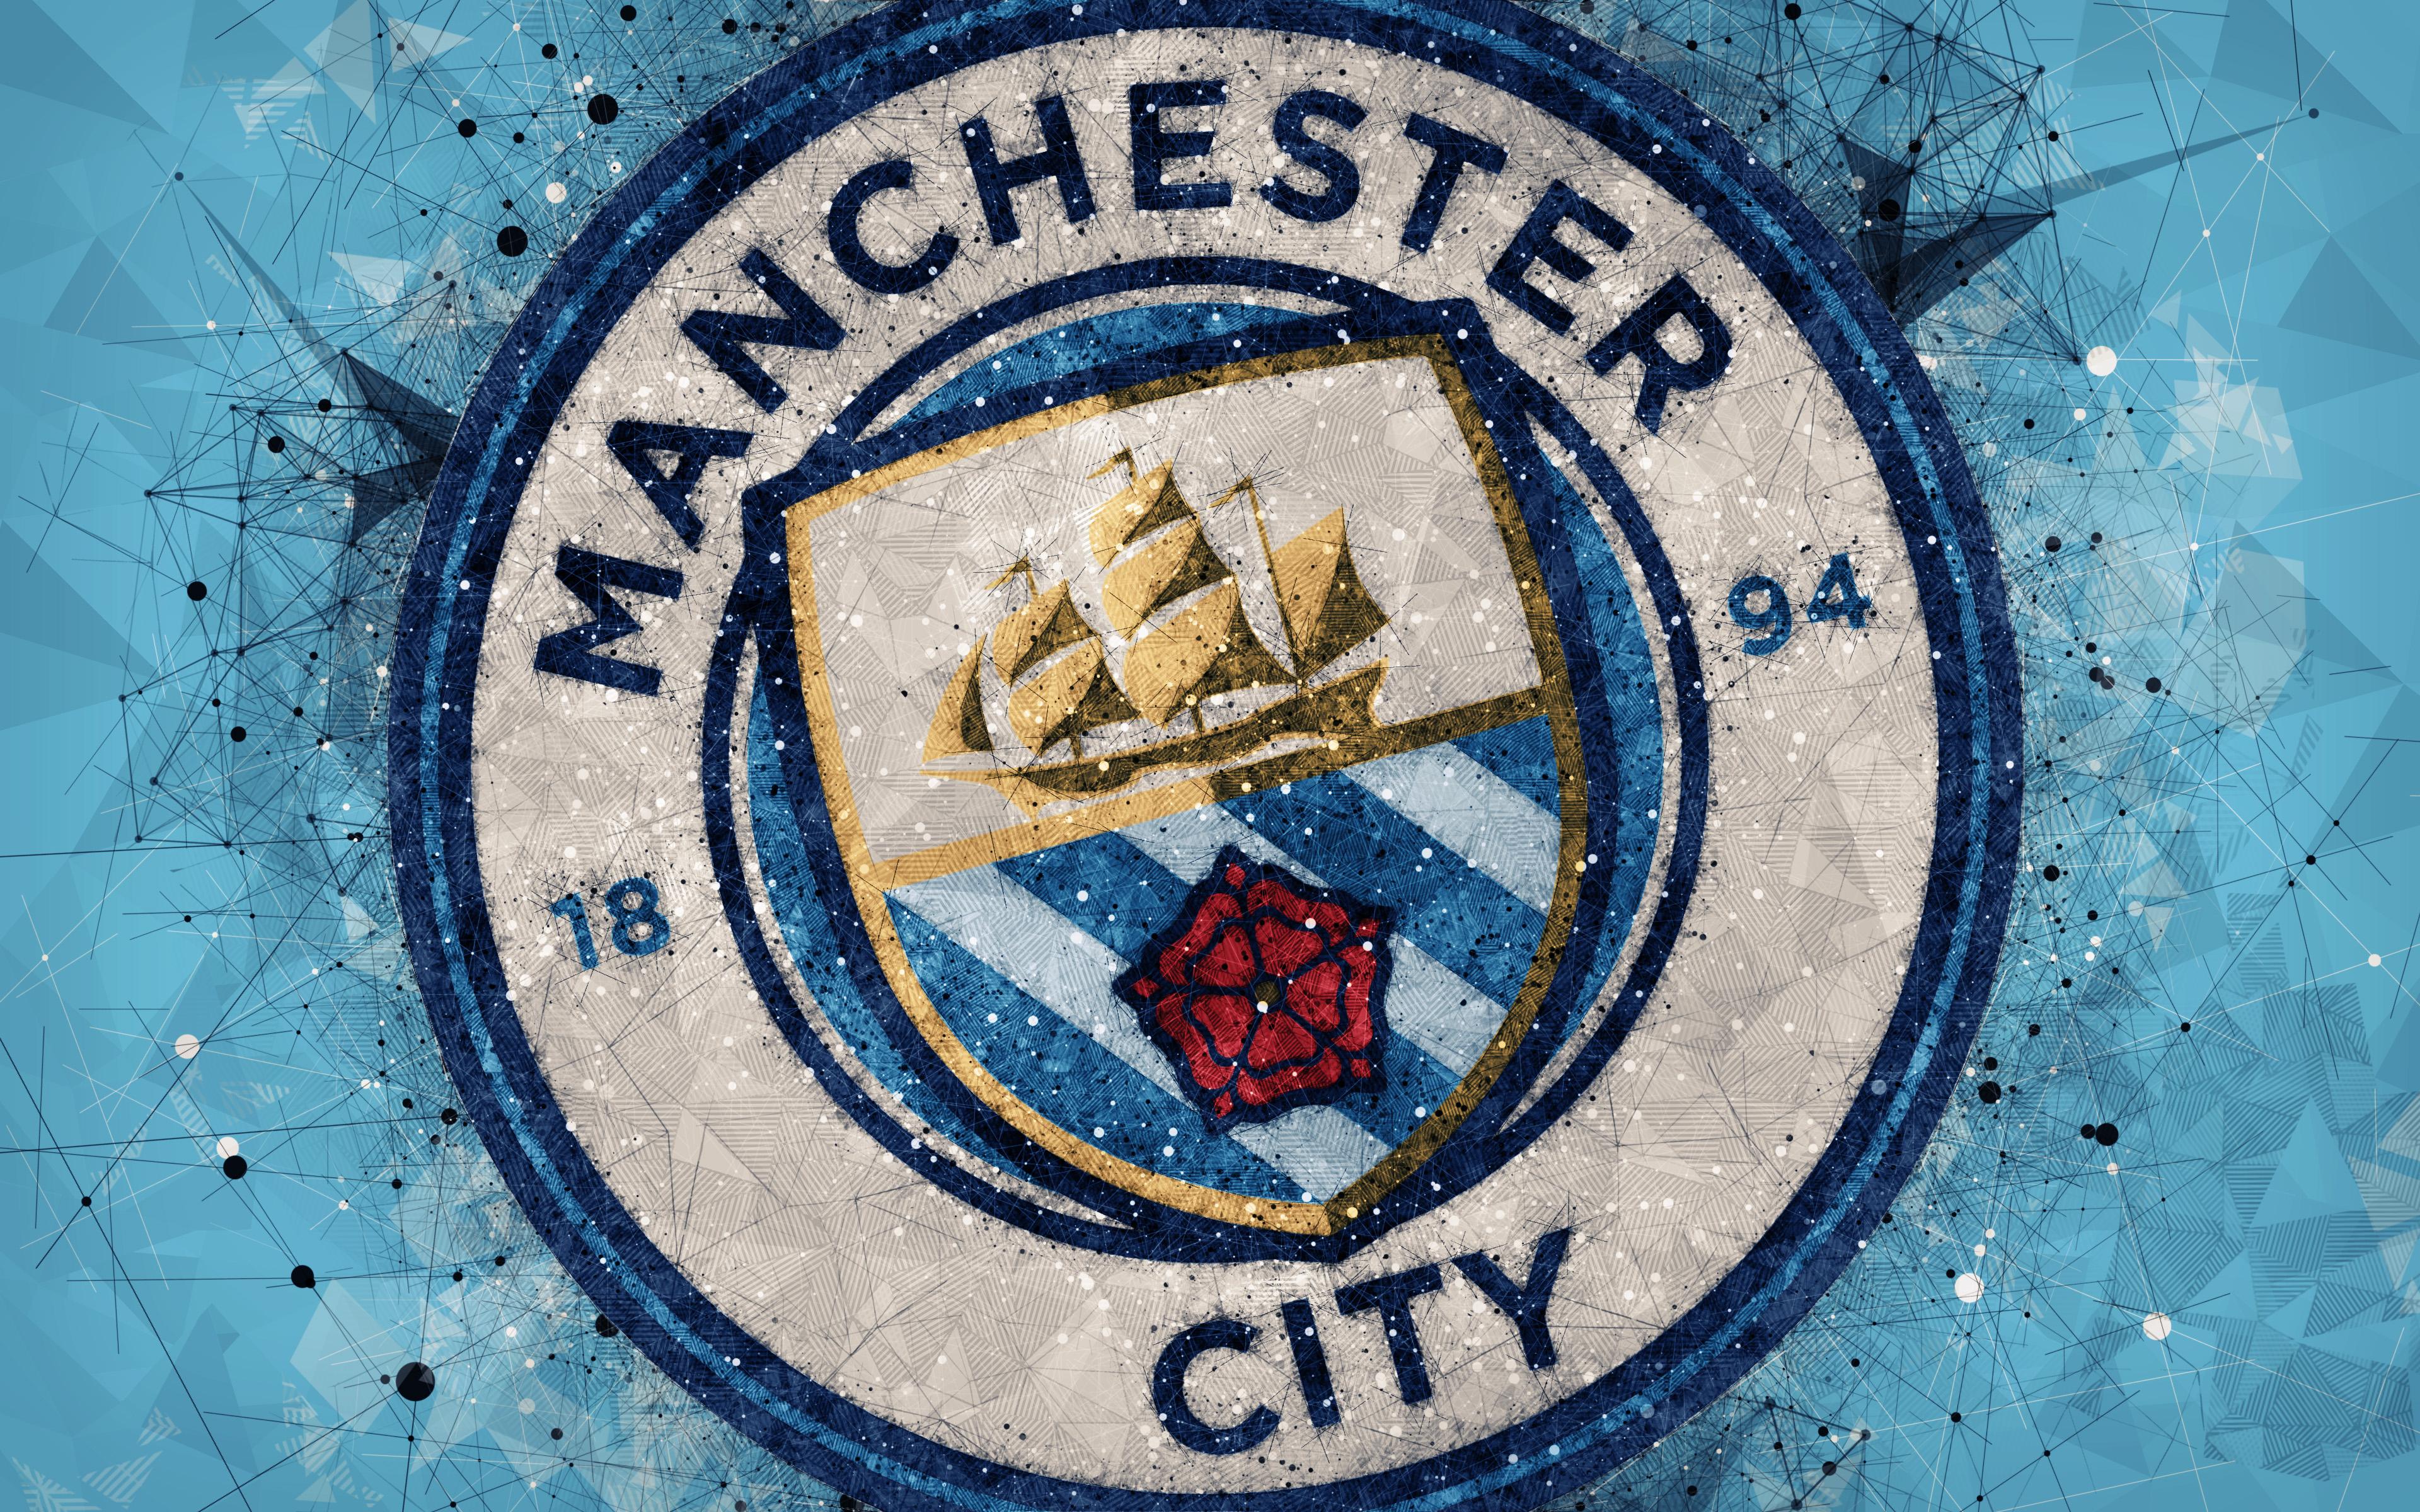 Manchester City Logo 4k Ultra Fondo de pantalla HD   Fondo ...